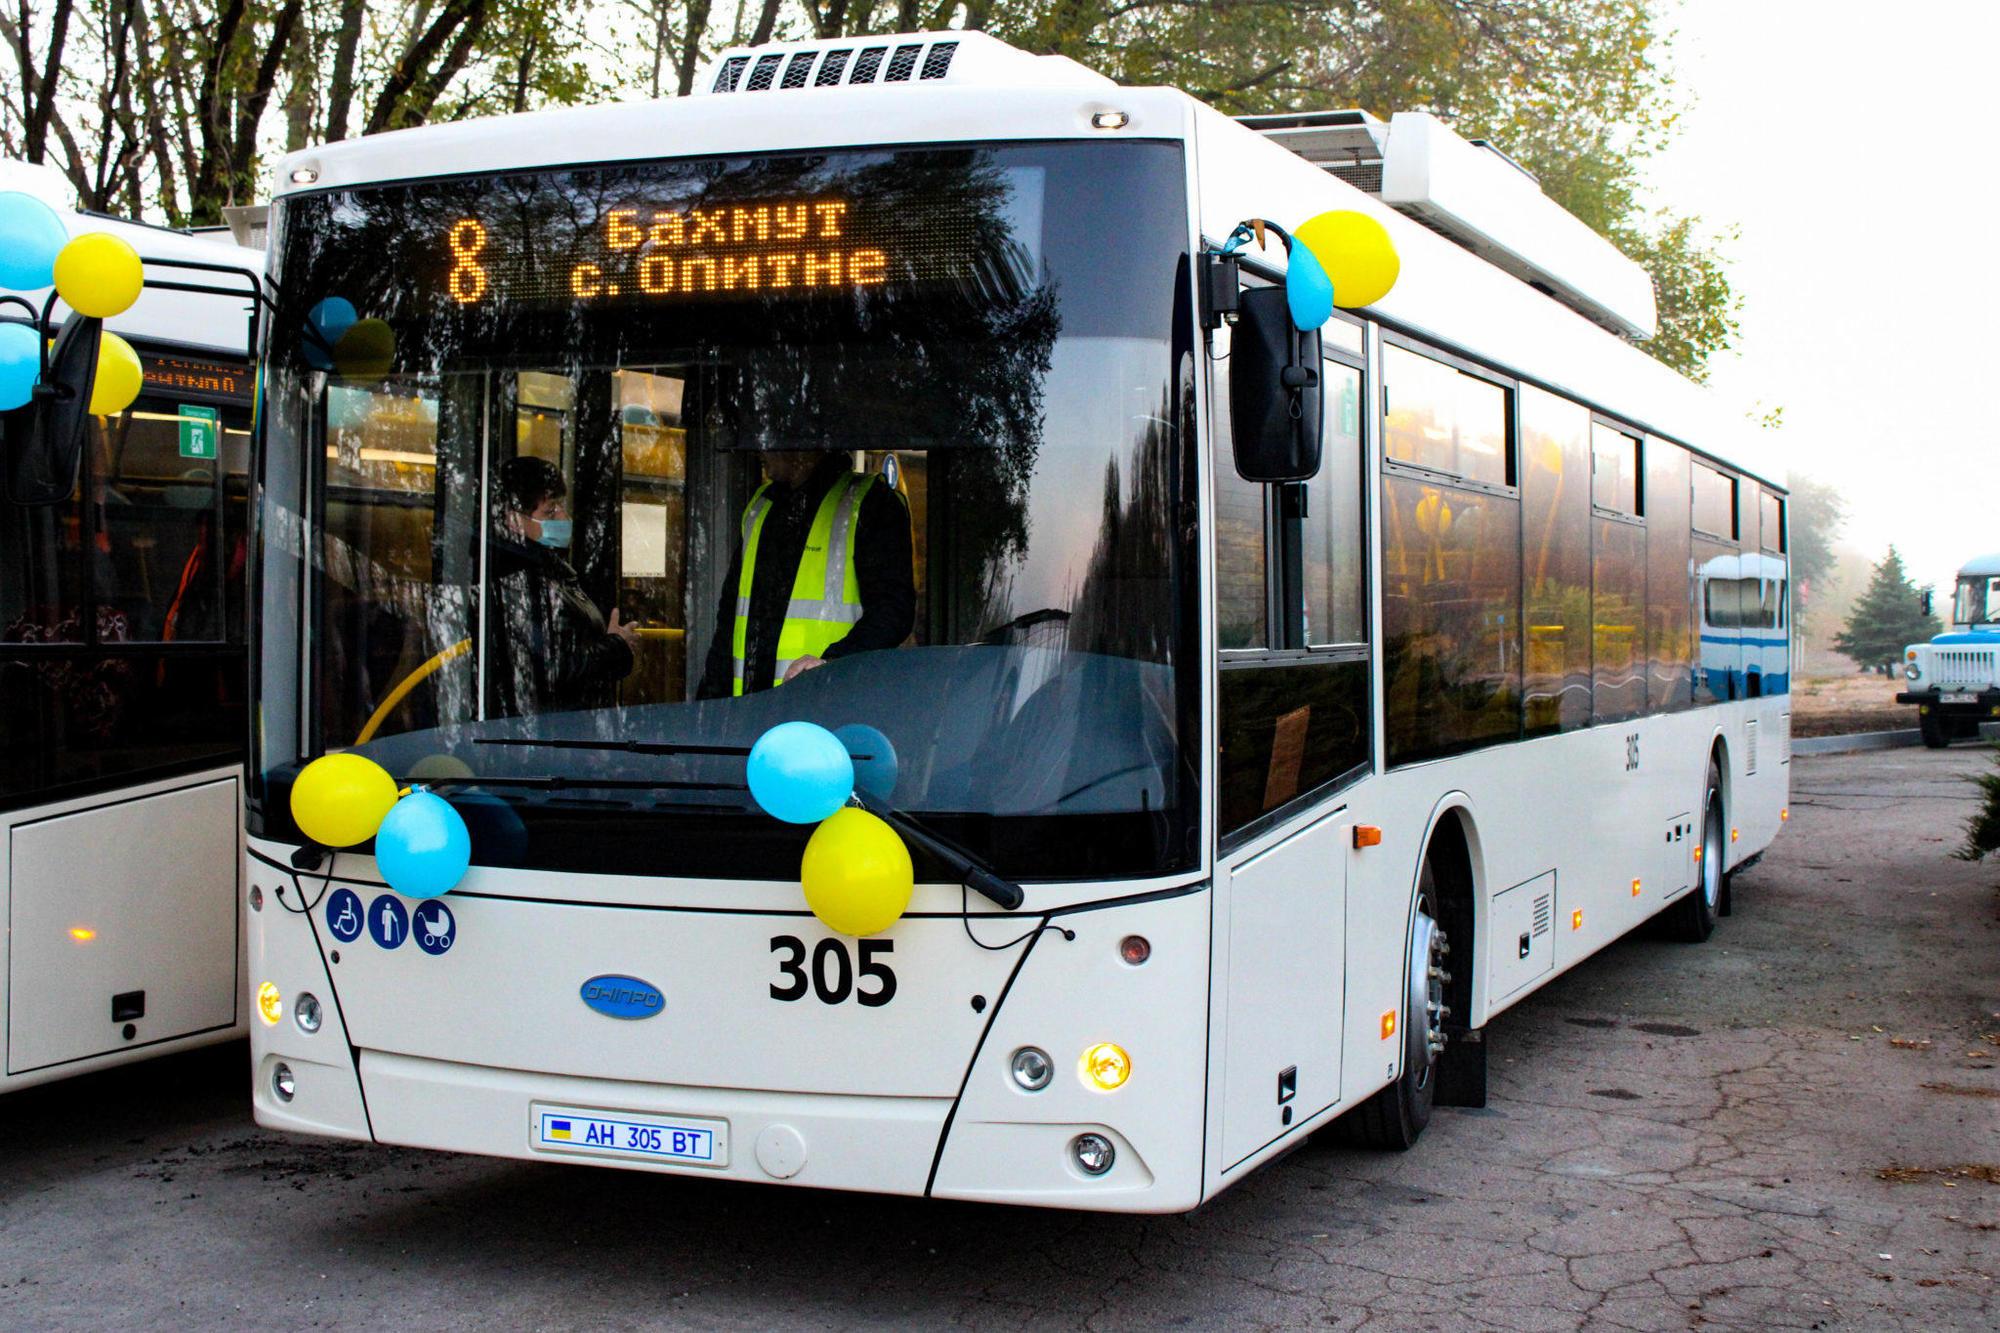 """""""Чекали 40 років"""": в Бахмутській ОТГ відкрили тролейбусний маршрут до селища Опитне (Фото, розклад)"""